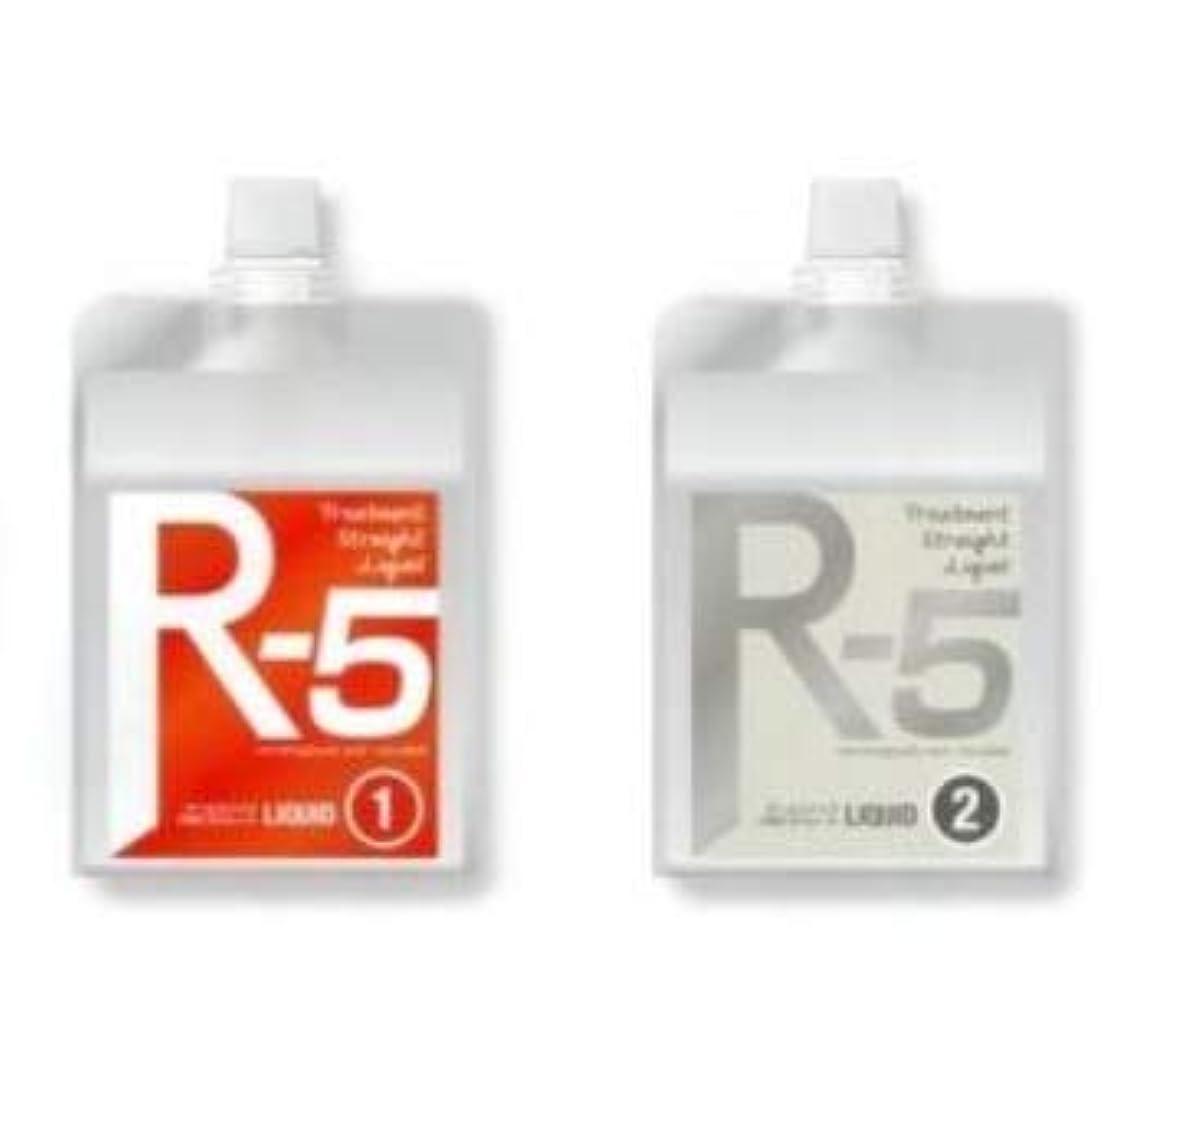 メンテナンス比較的コンソールCMCトリートメントストレート R-5 レッド(レギュラー) ストレート剤 ダメージレス